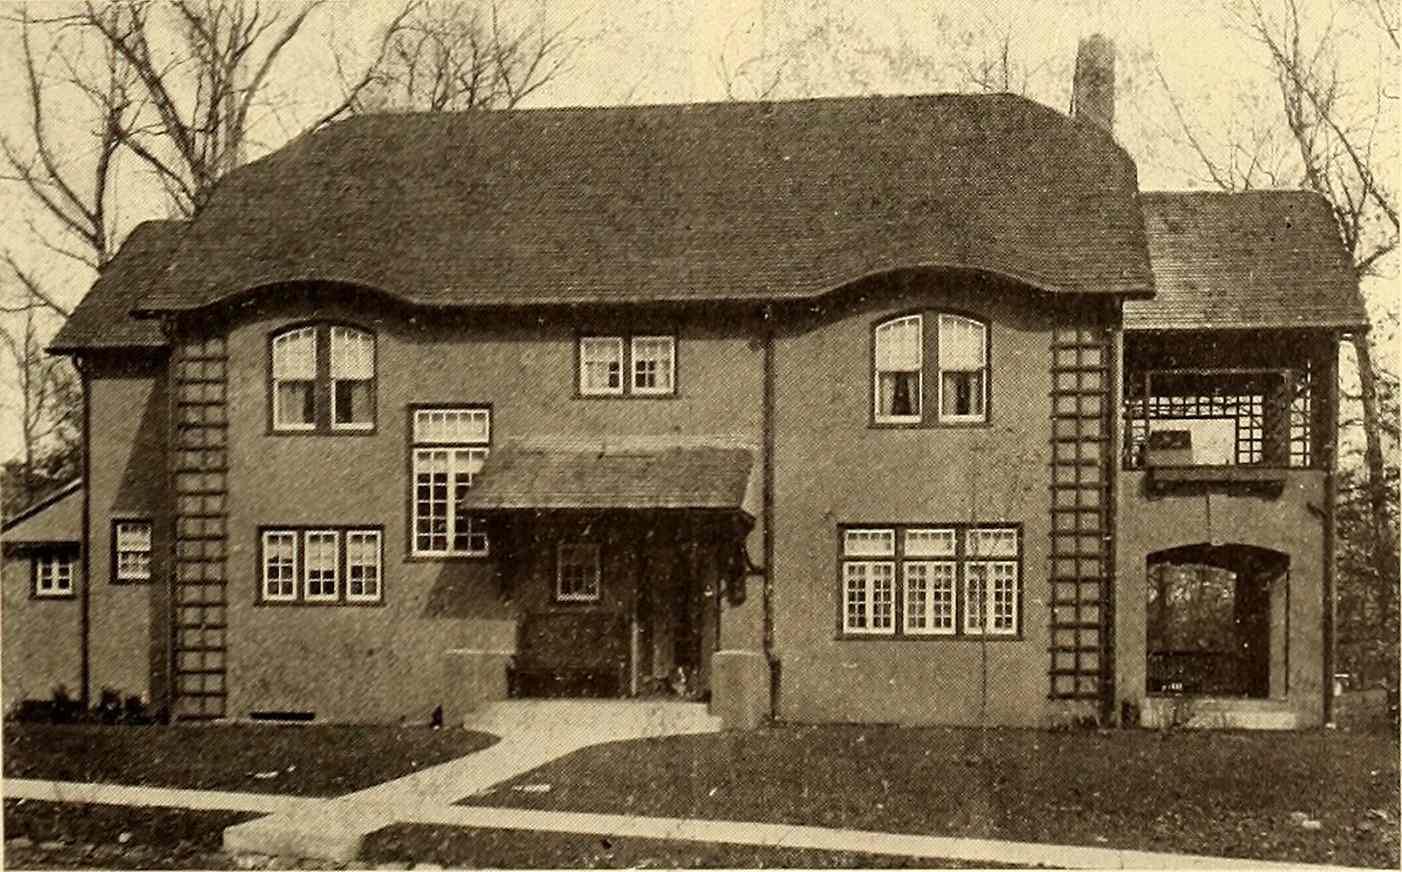 Renaissance Revival House Style